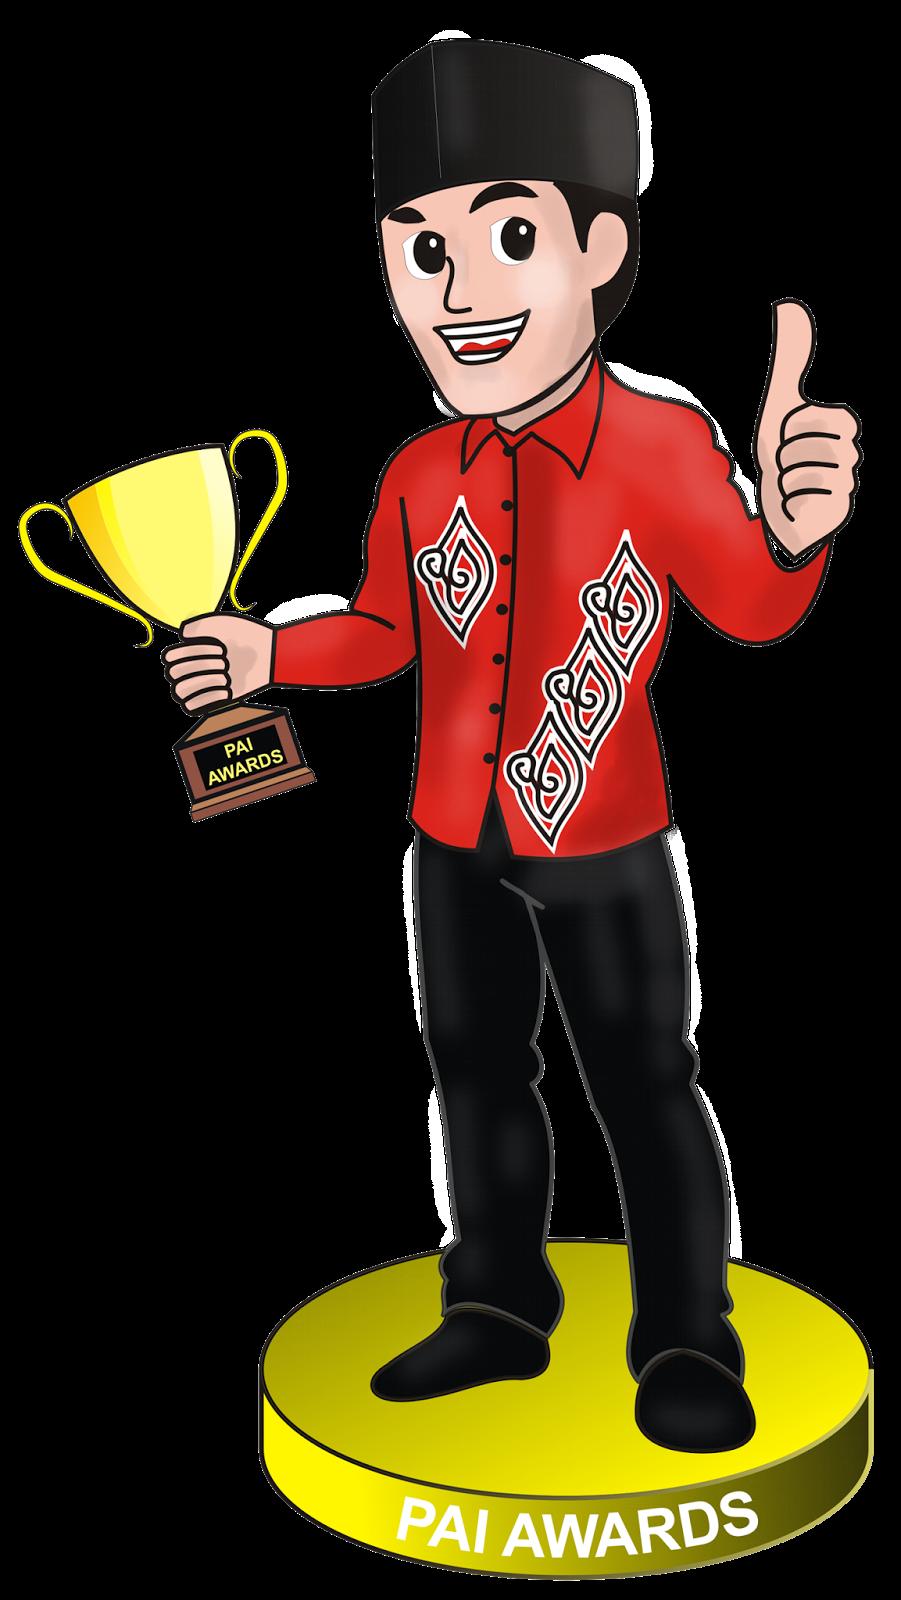 Daftar Juara Ajang Kompetisi Bergengsi PAI Awards 2014